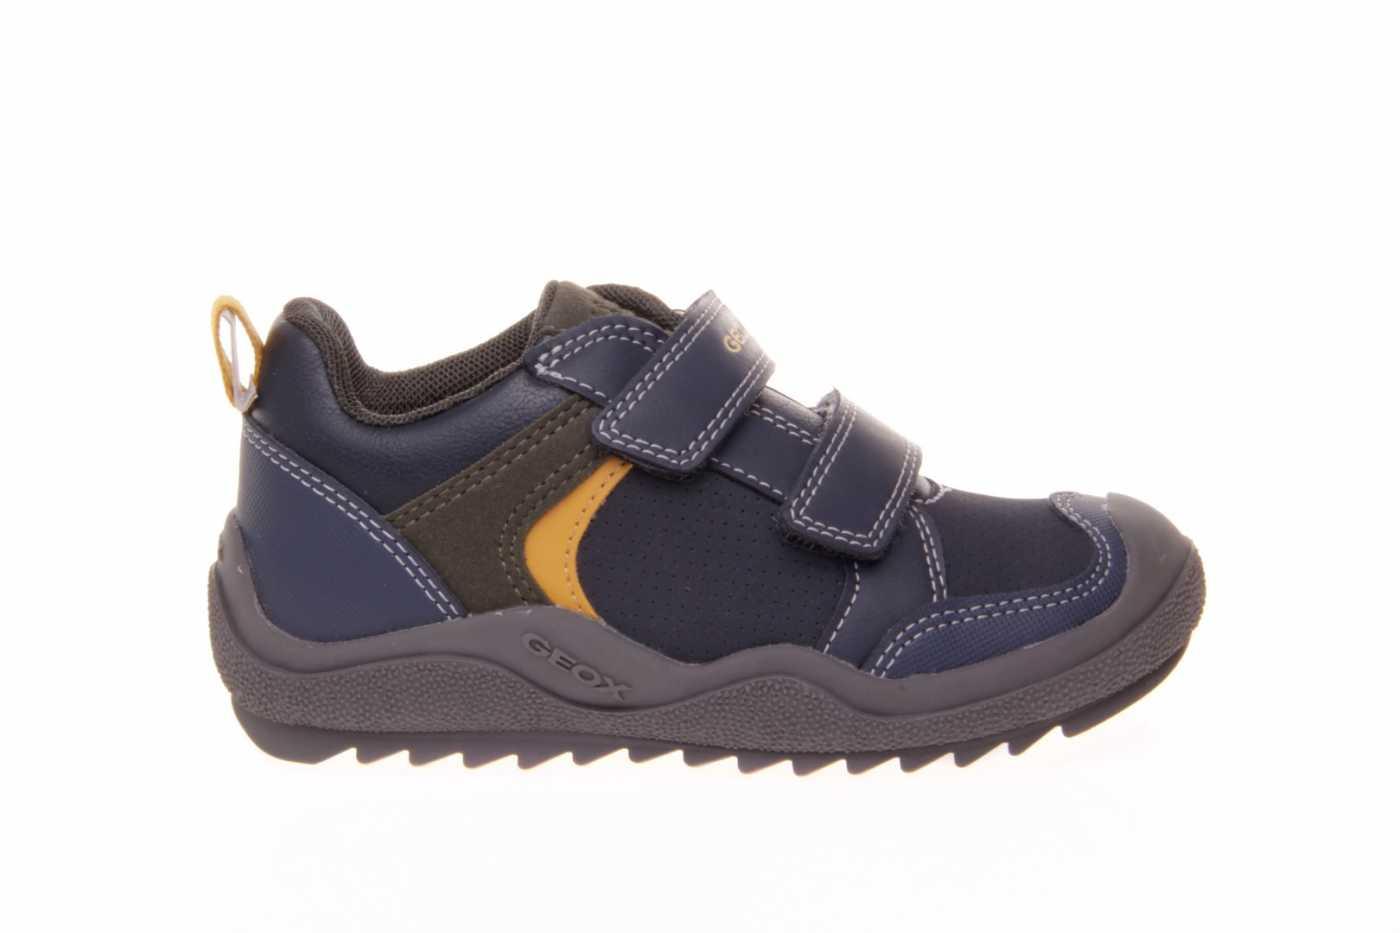 790dbabd Comprar zapato tipo JOVEN NIÑO estilo BLUCHER COLOR AZUL MARINO PIEL ...